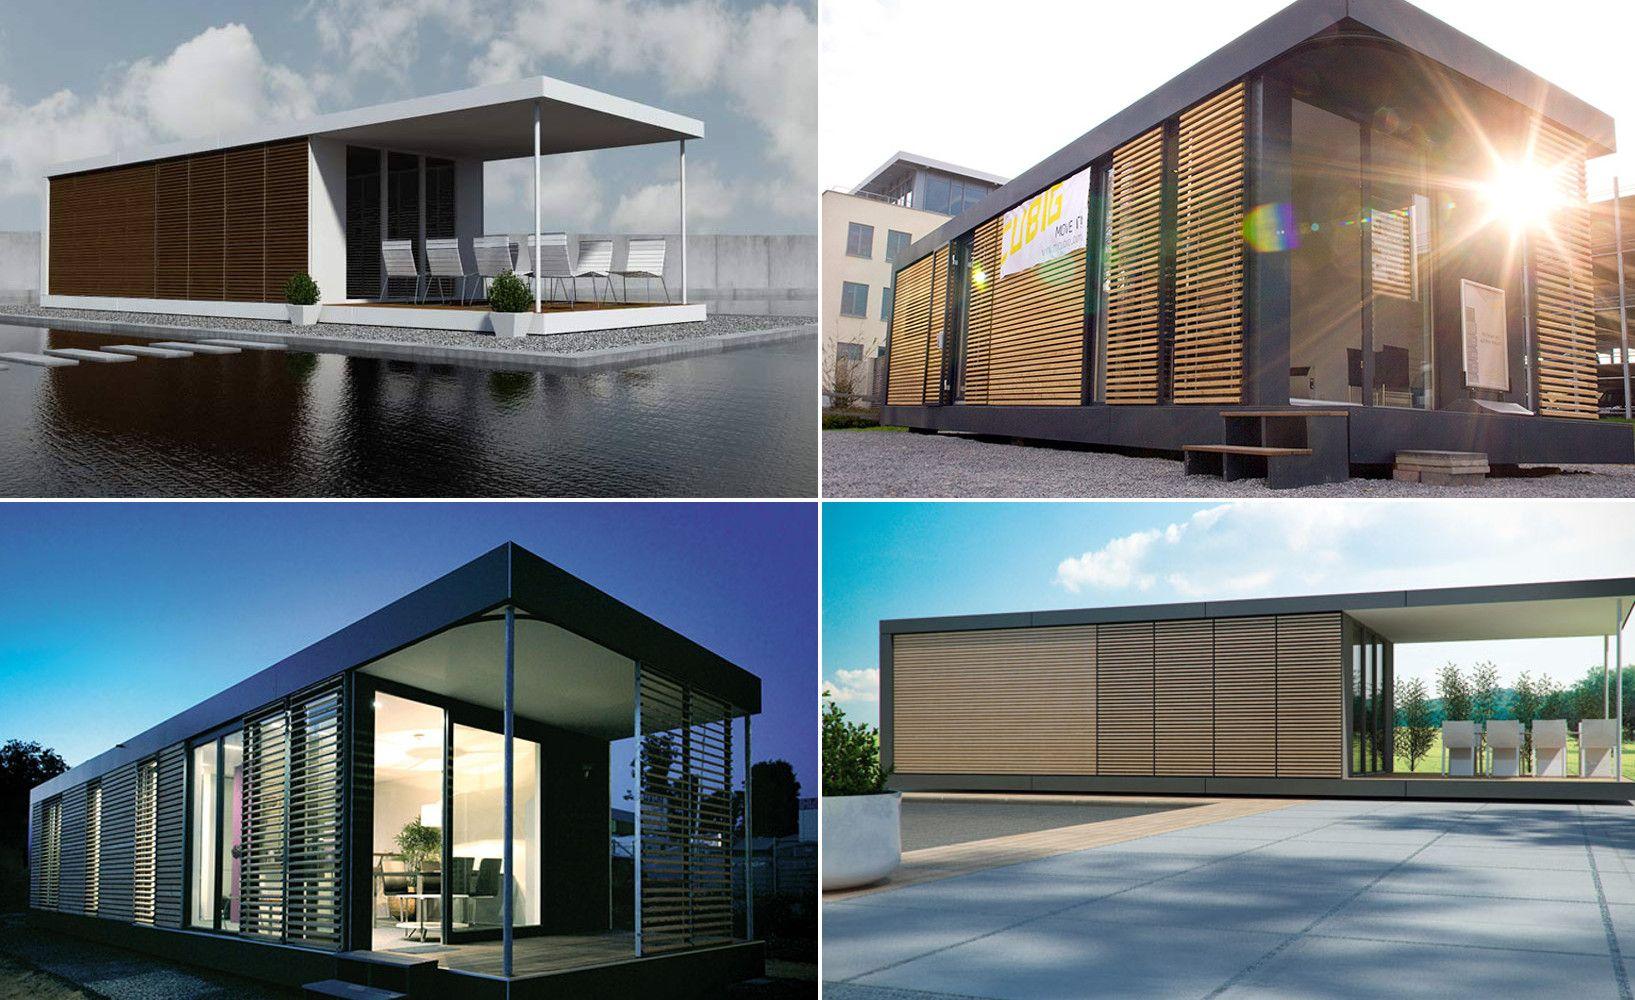 Cubig aussen Collage | Casa | Pinterest | Bungalow and House